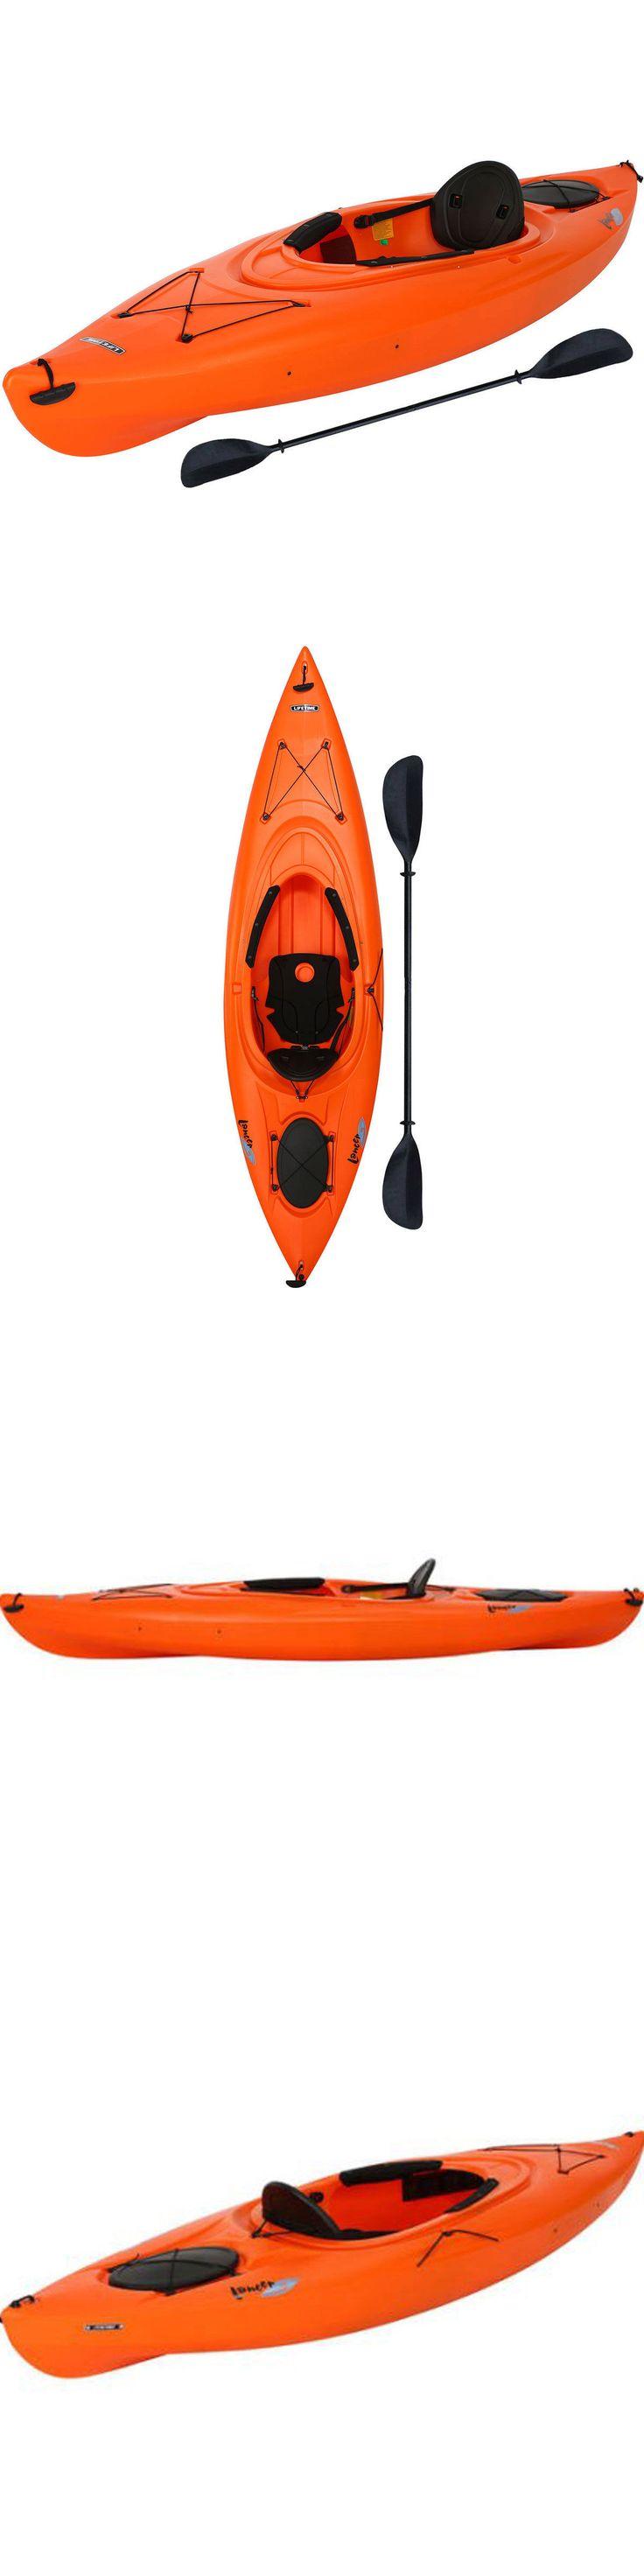 Kayaks 36122: Lifetime Lancer 10 Sit In Kayak And Paddle Orange Camping Fishing Water Excursion -> BUY IT NOW ONLY: $273.99 on eBay!